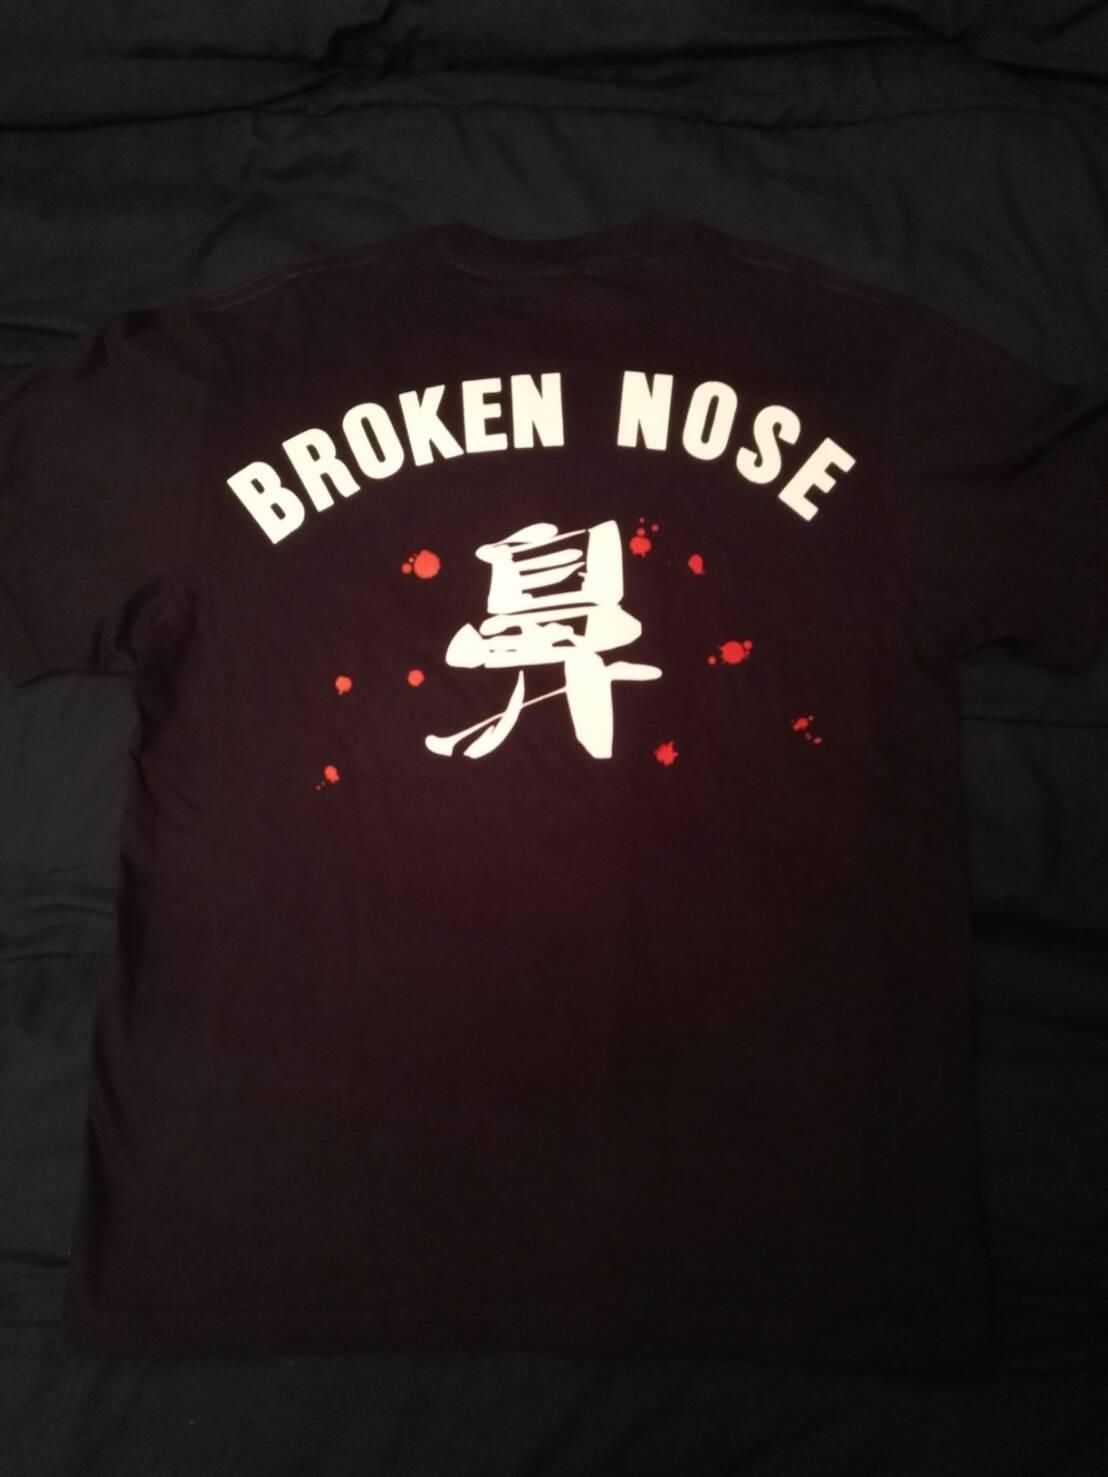 中澤慎太郎 人生の中で1番貴重なTシャツを作った瞬間